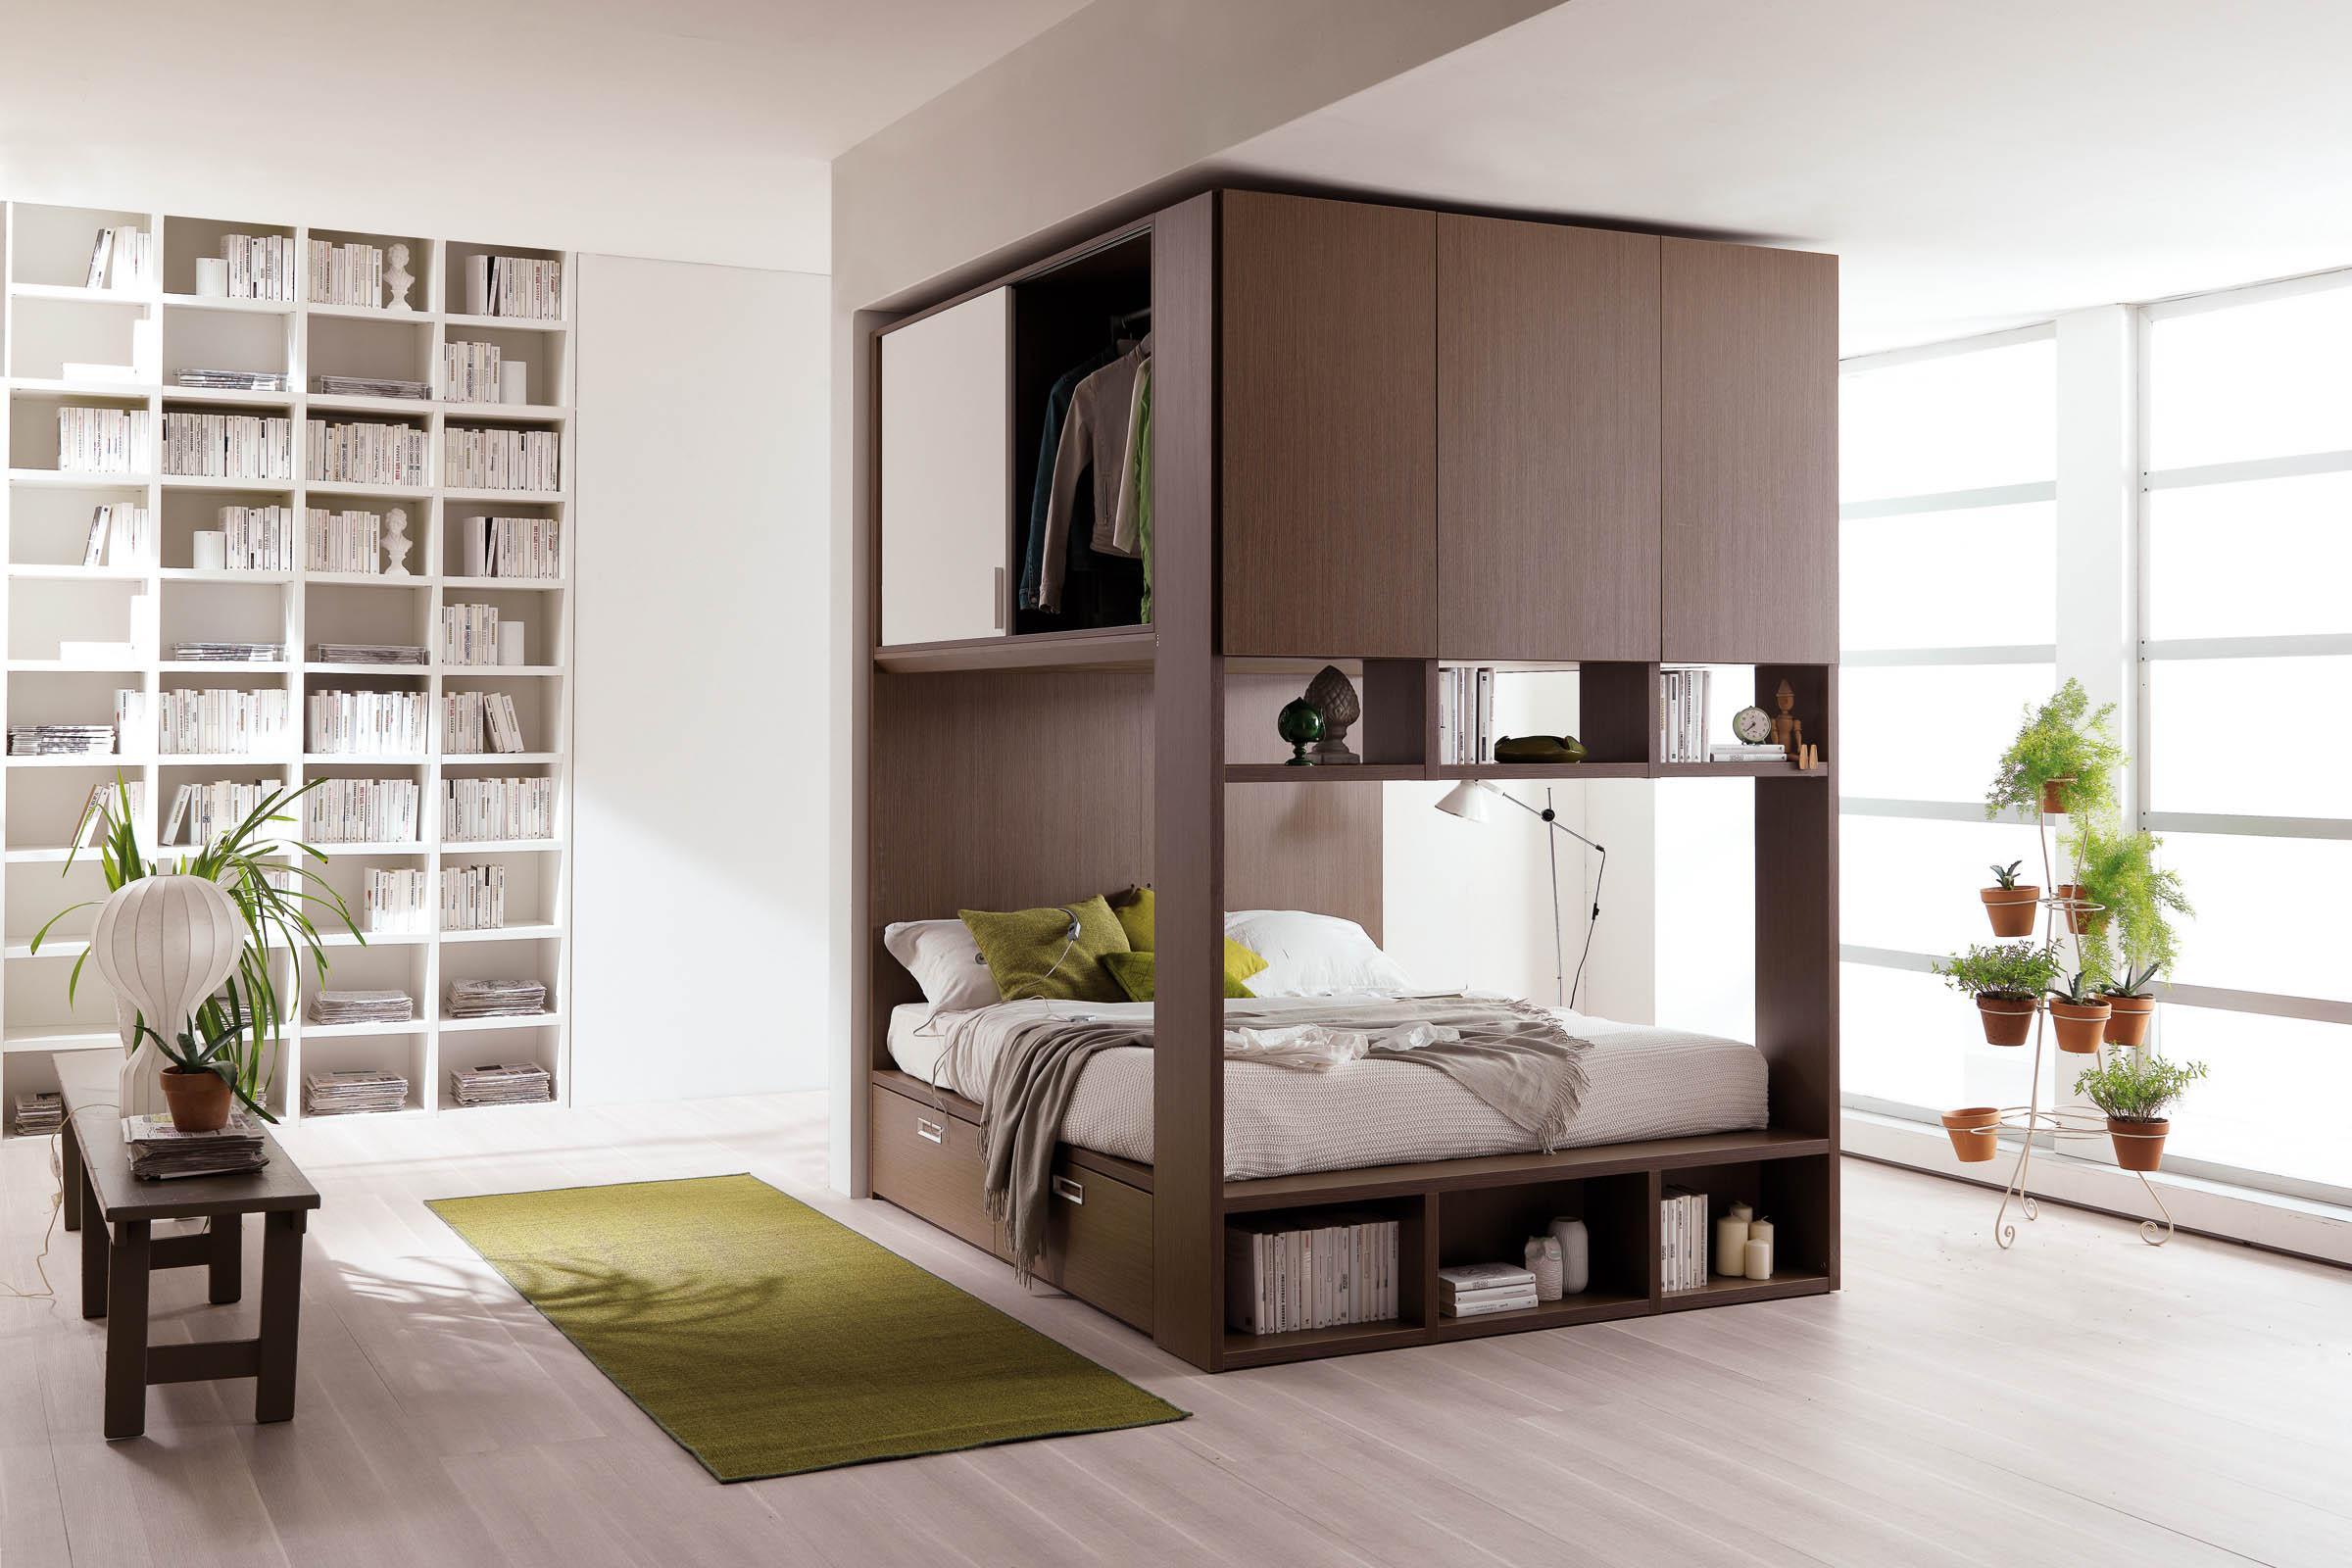 Divani letto per camerette bambini : divani letto per camerette ...